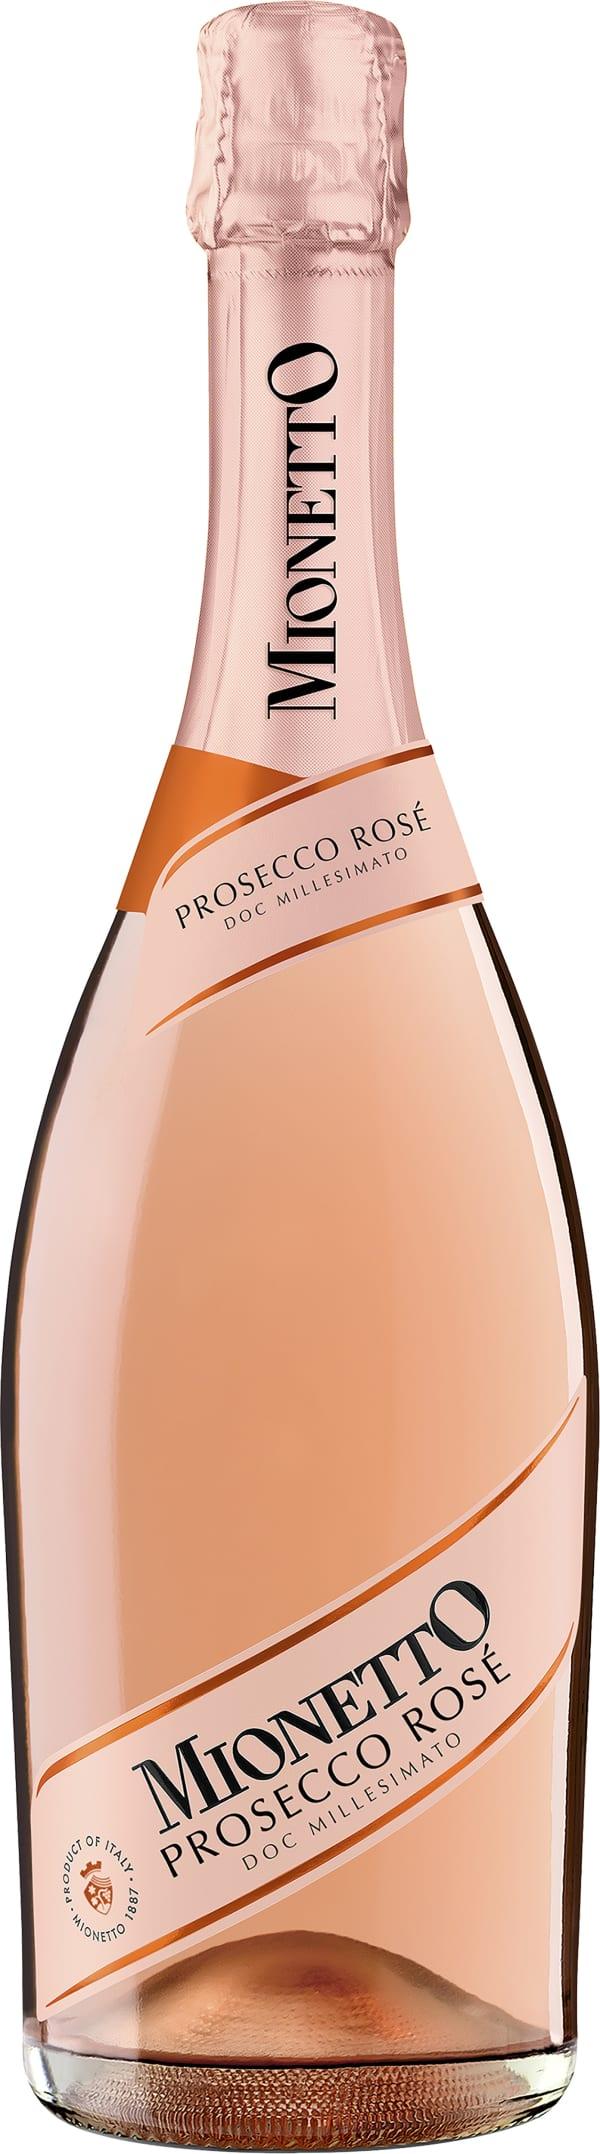 Mionetto Millesimato Prosecco Rosé 2019